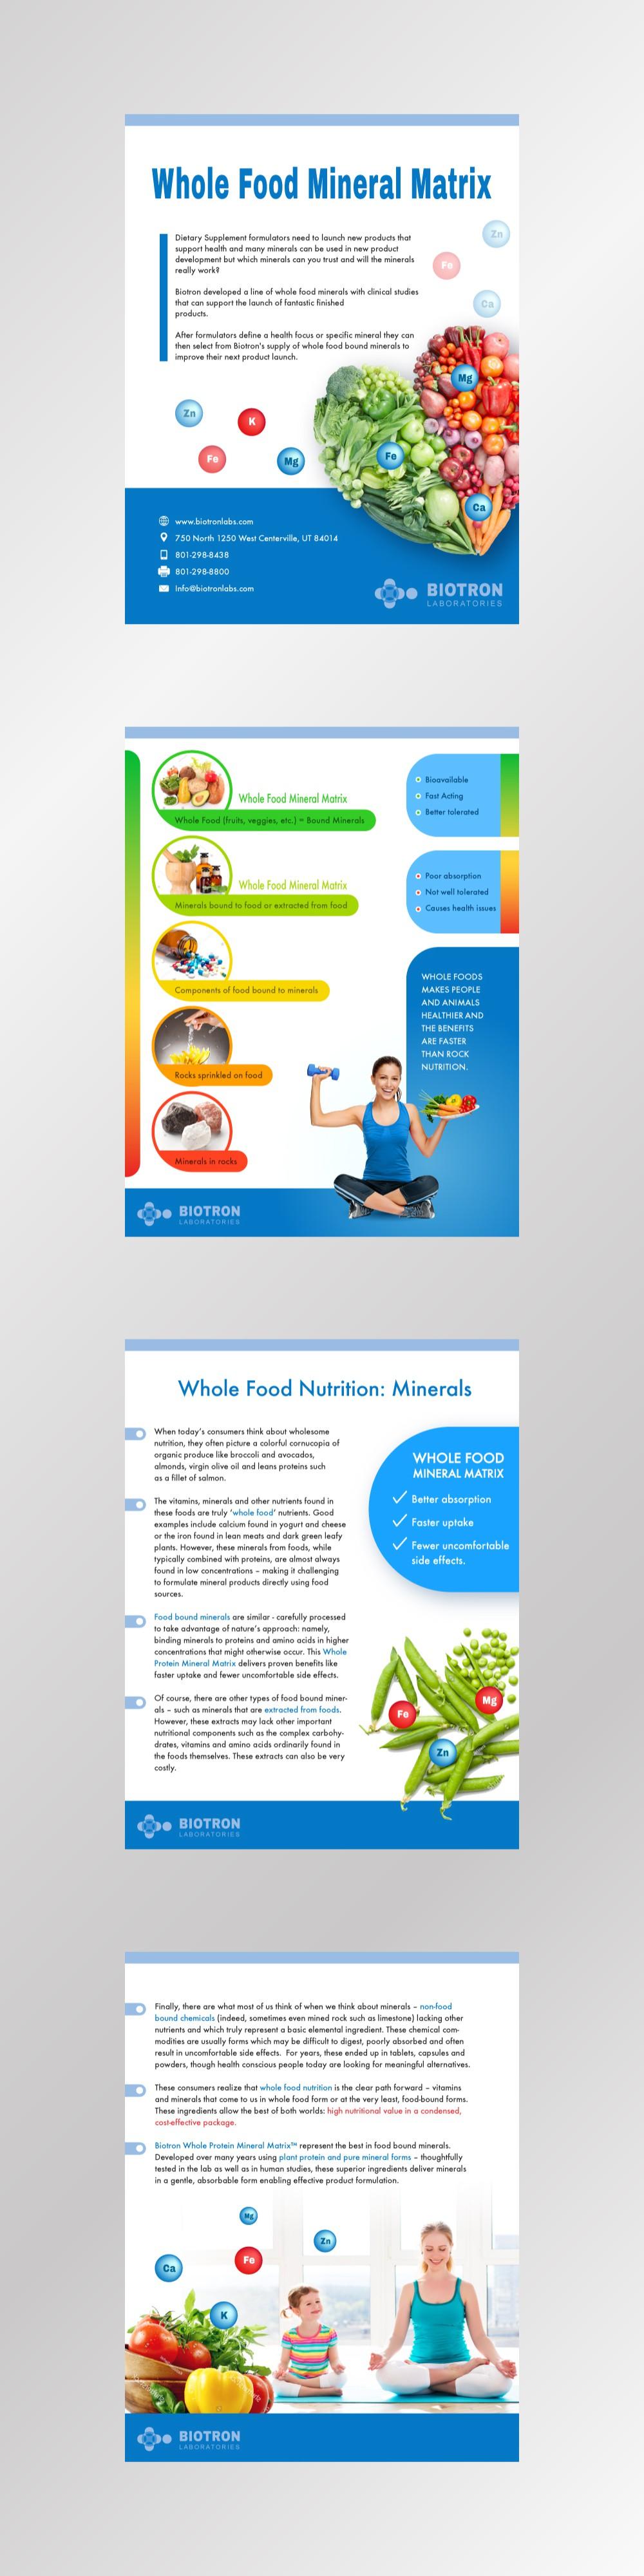 Whole Food Mineral Matrix PDF